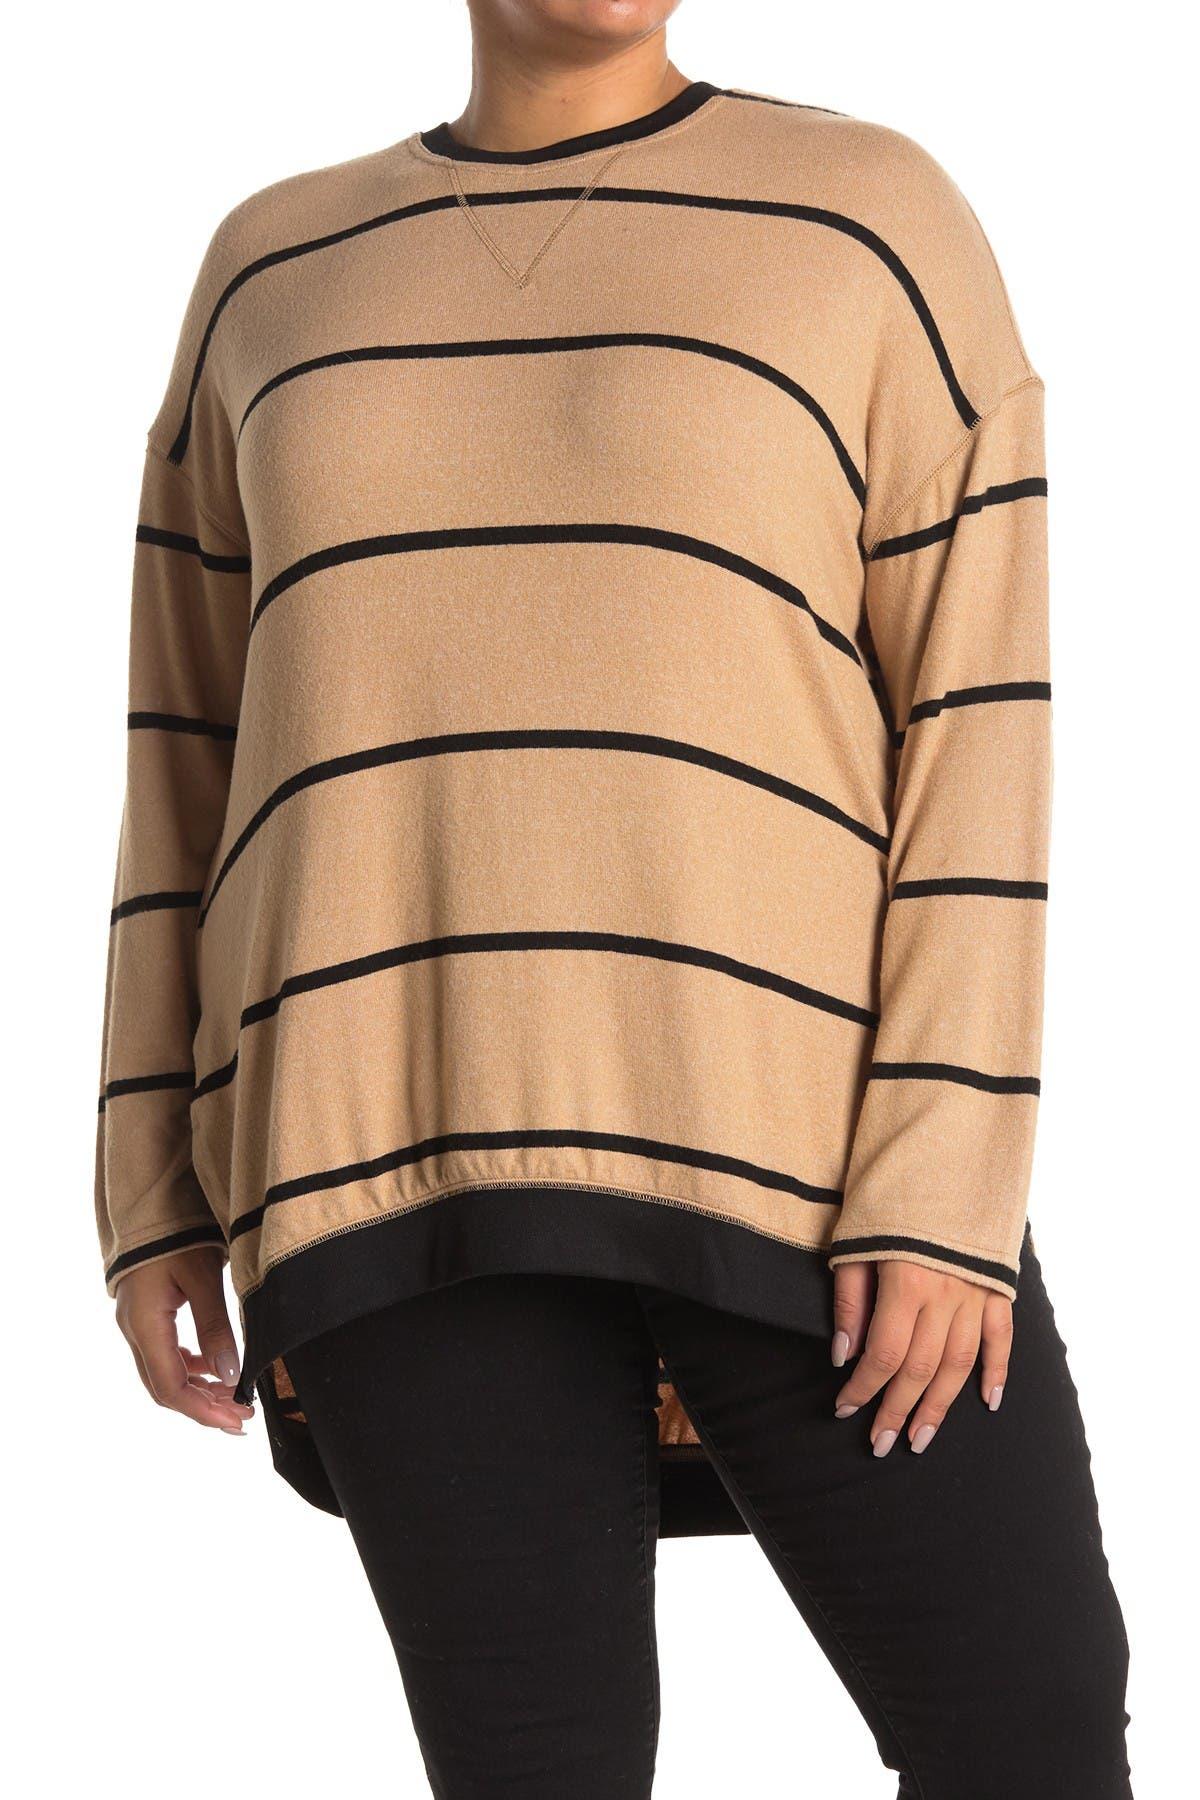 Melloday Stripe Fleece Hi-lo Tunic In Open Beige7